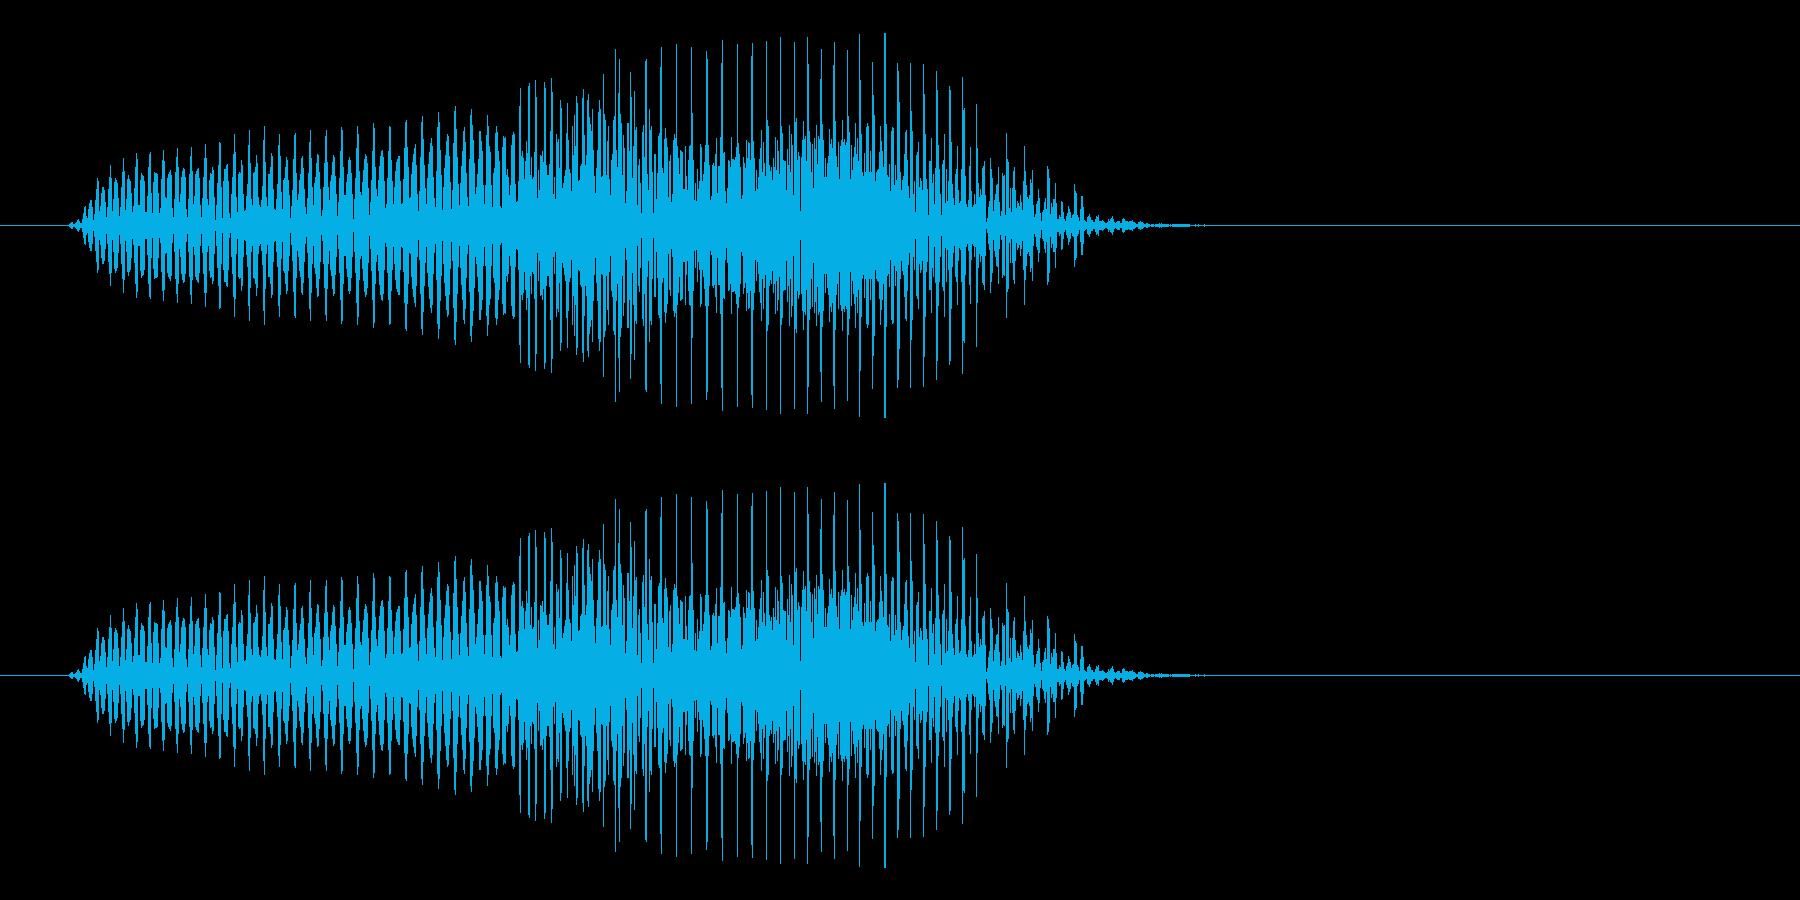 んがっというかわいい音の再生済みの波形